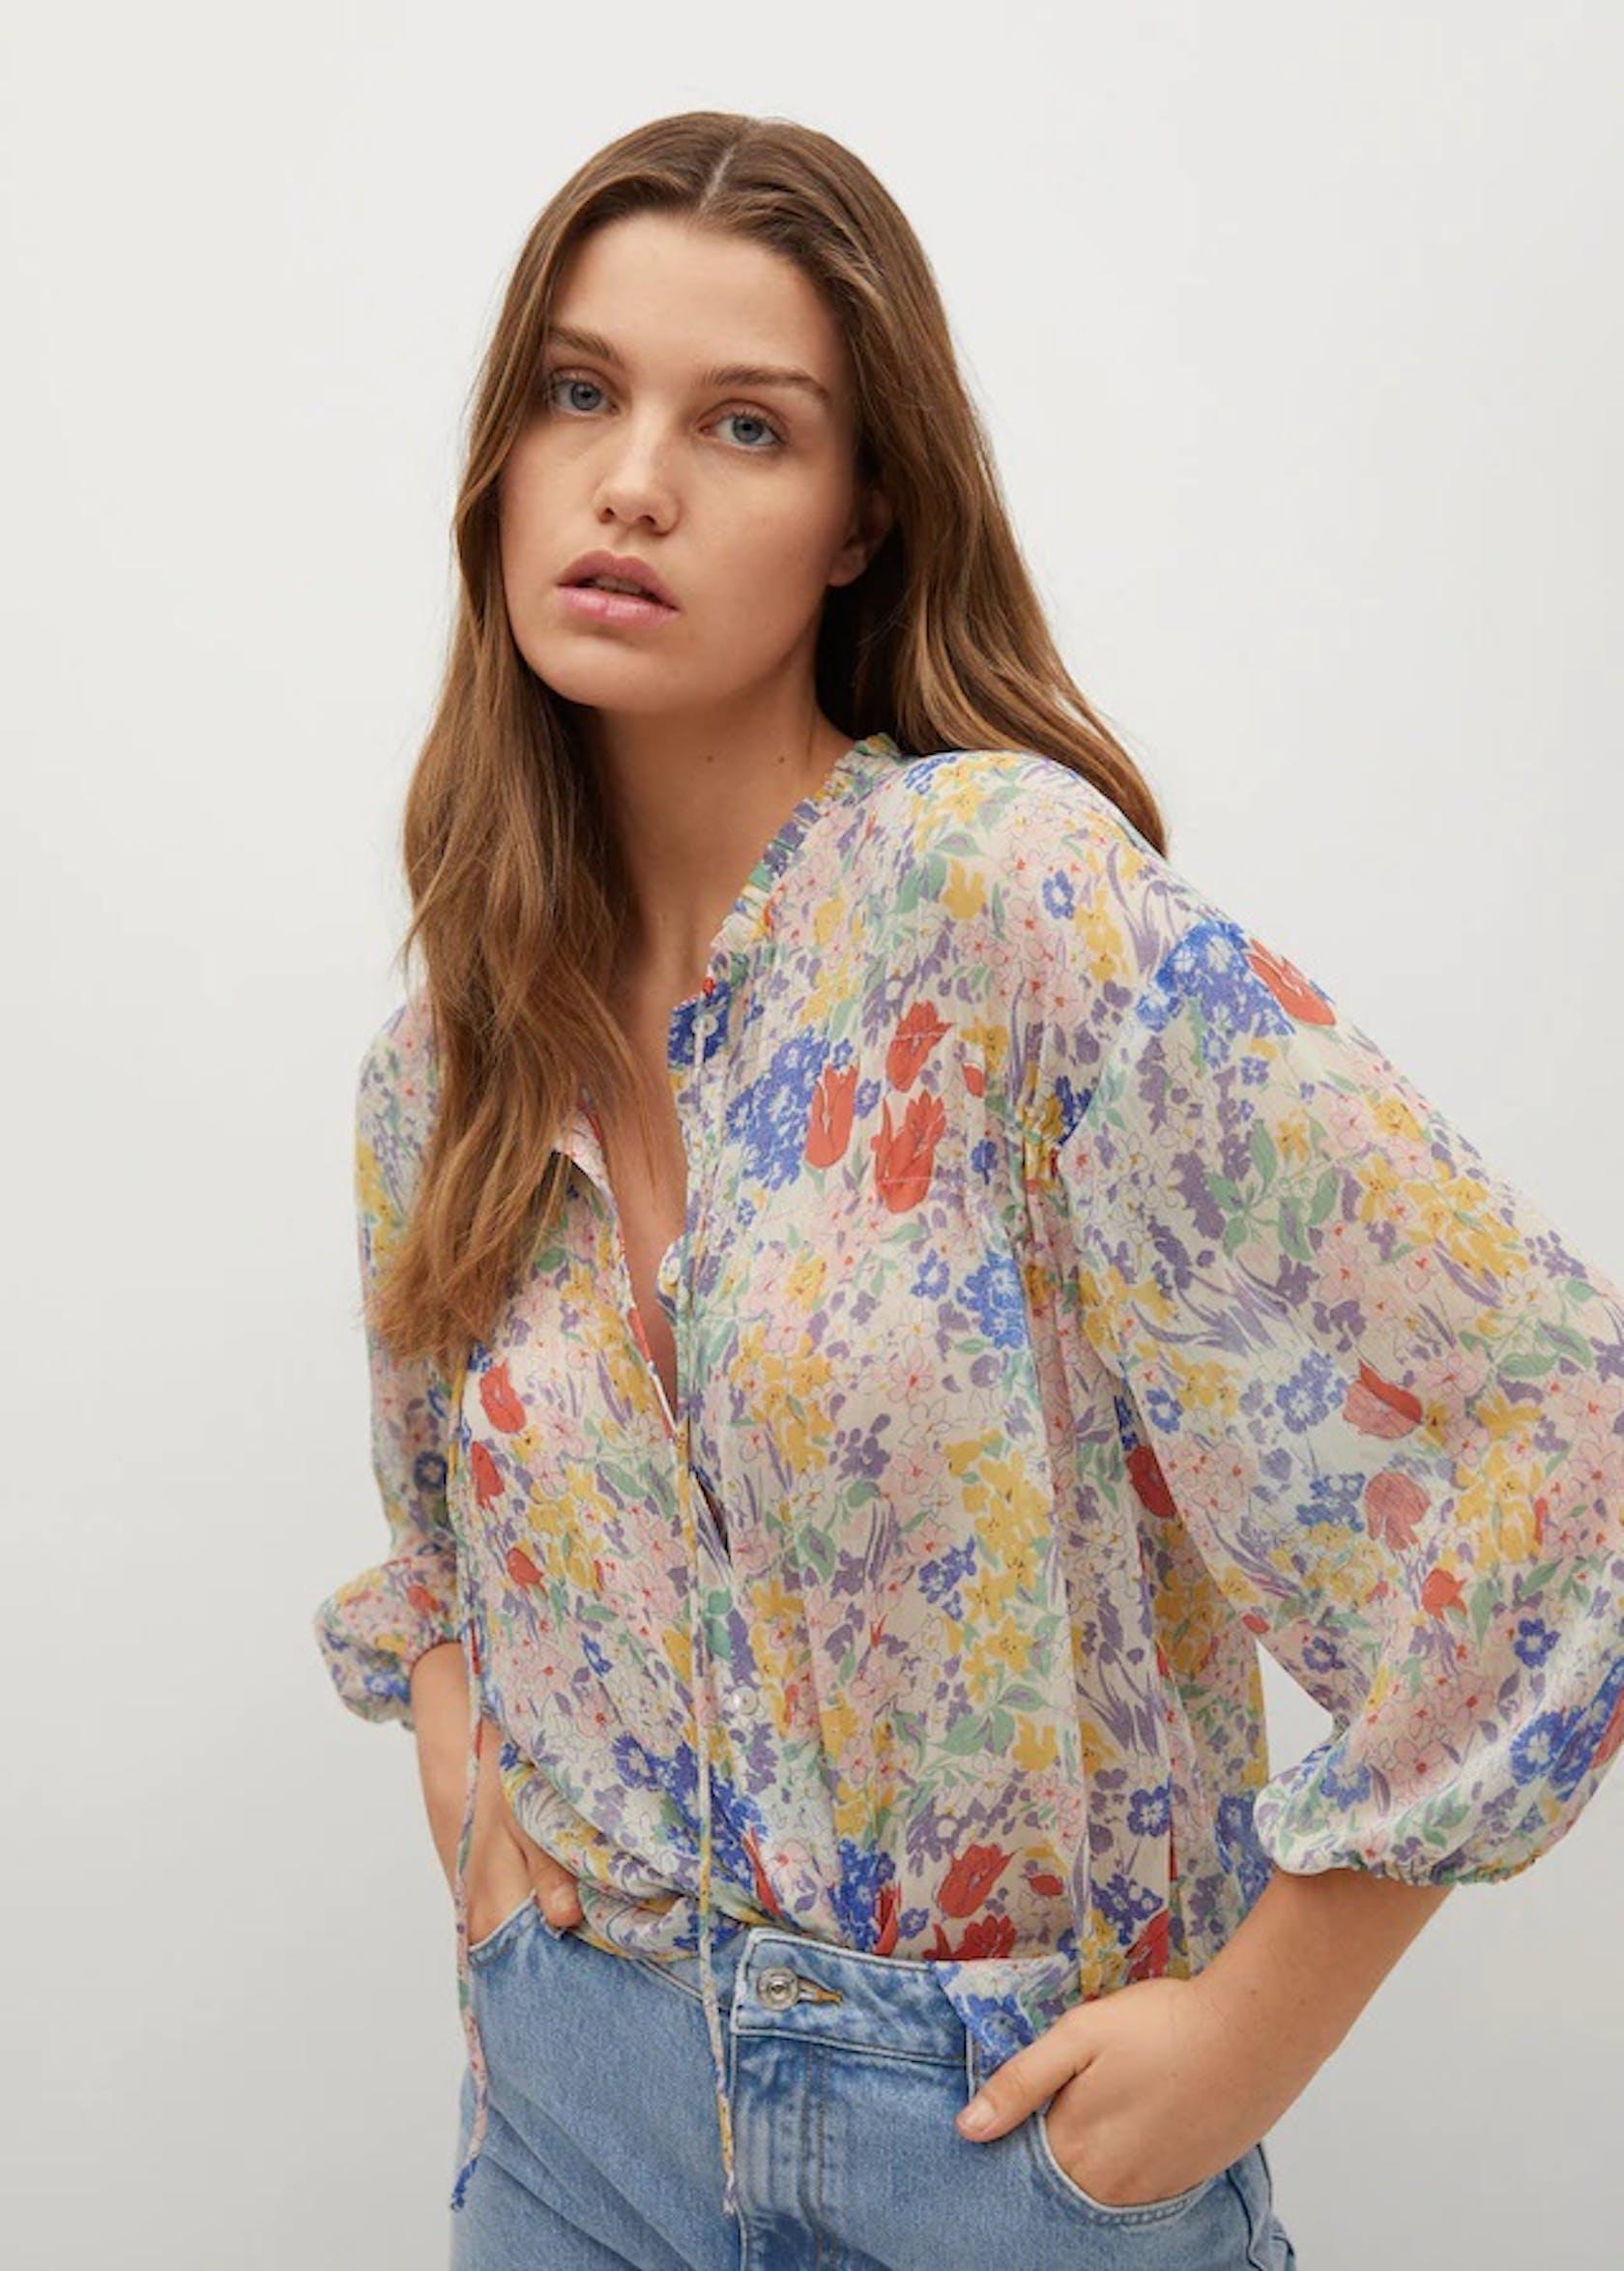 weibliches Model trägt Blumenbluse und Jeans